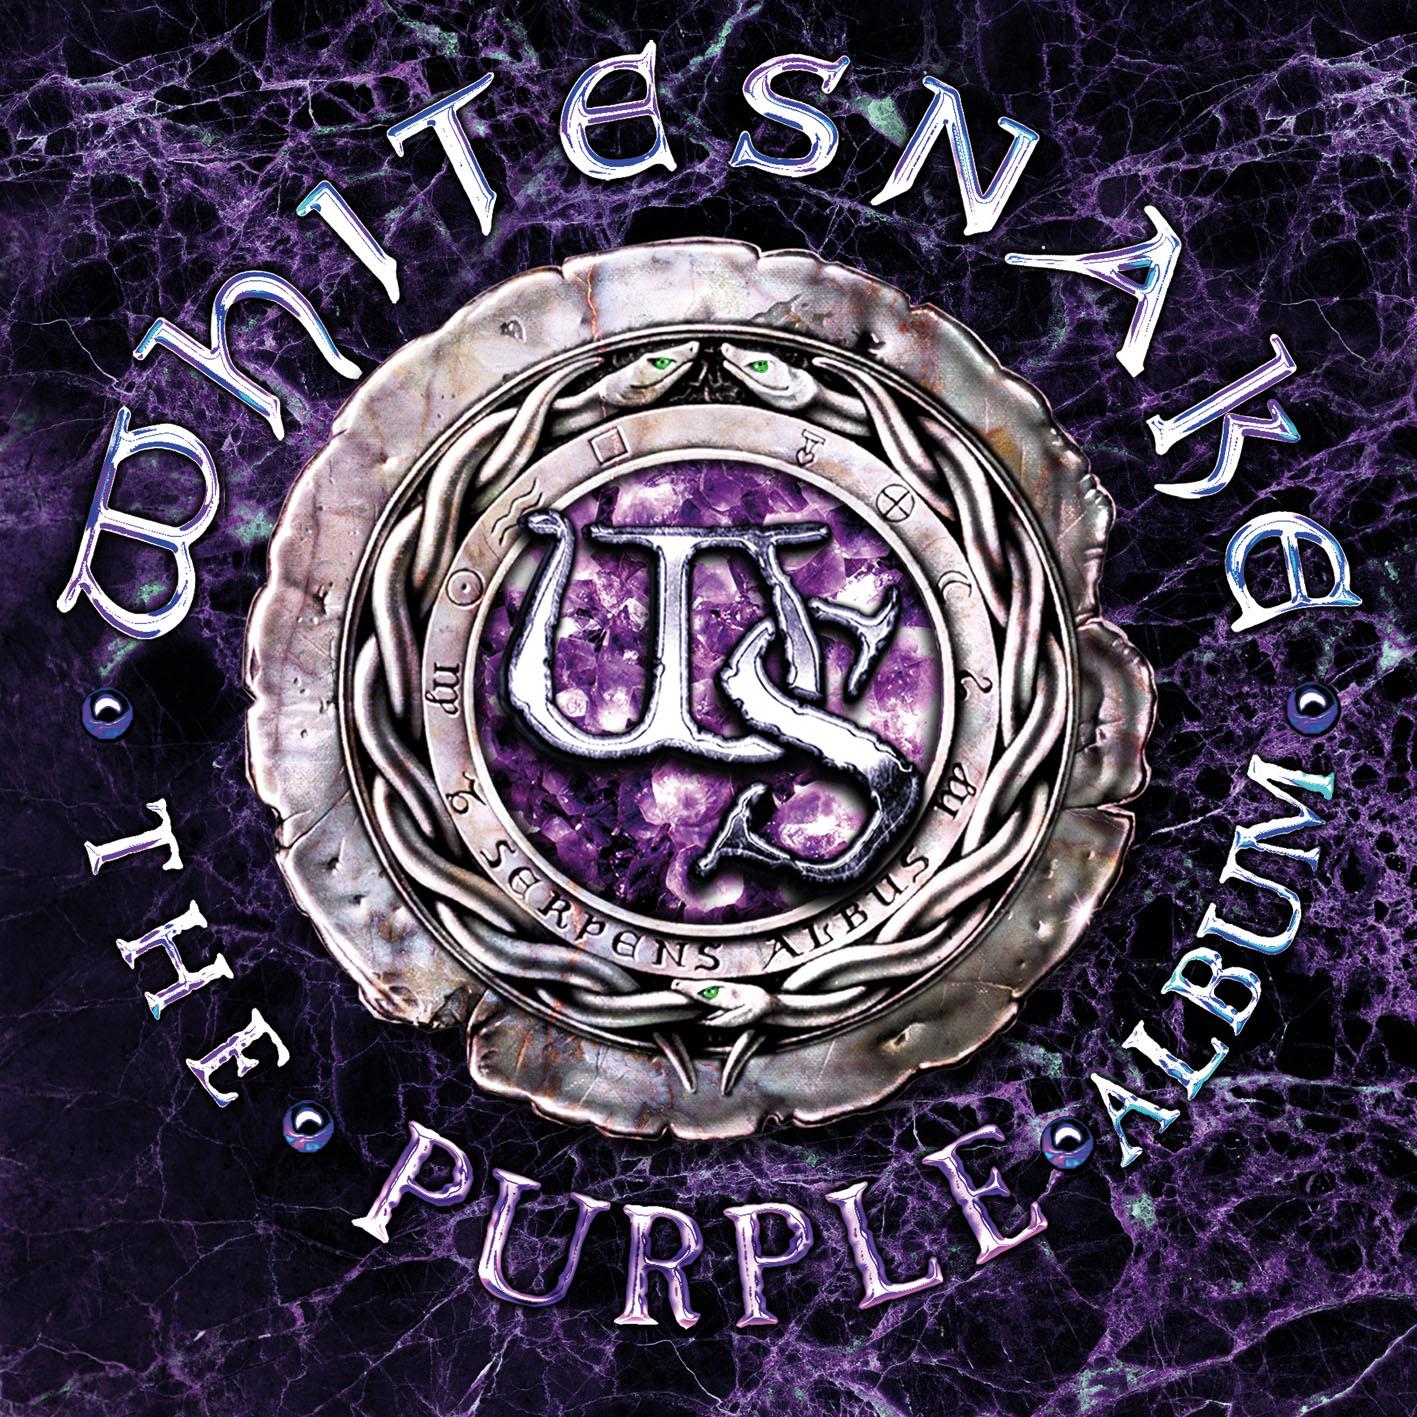 Whitesnake - The Purple Album - Cover